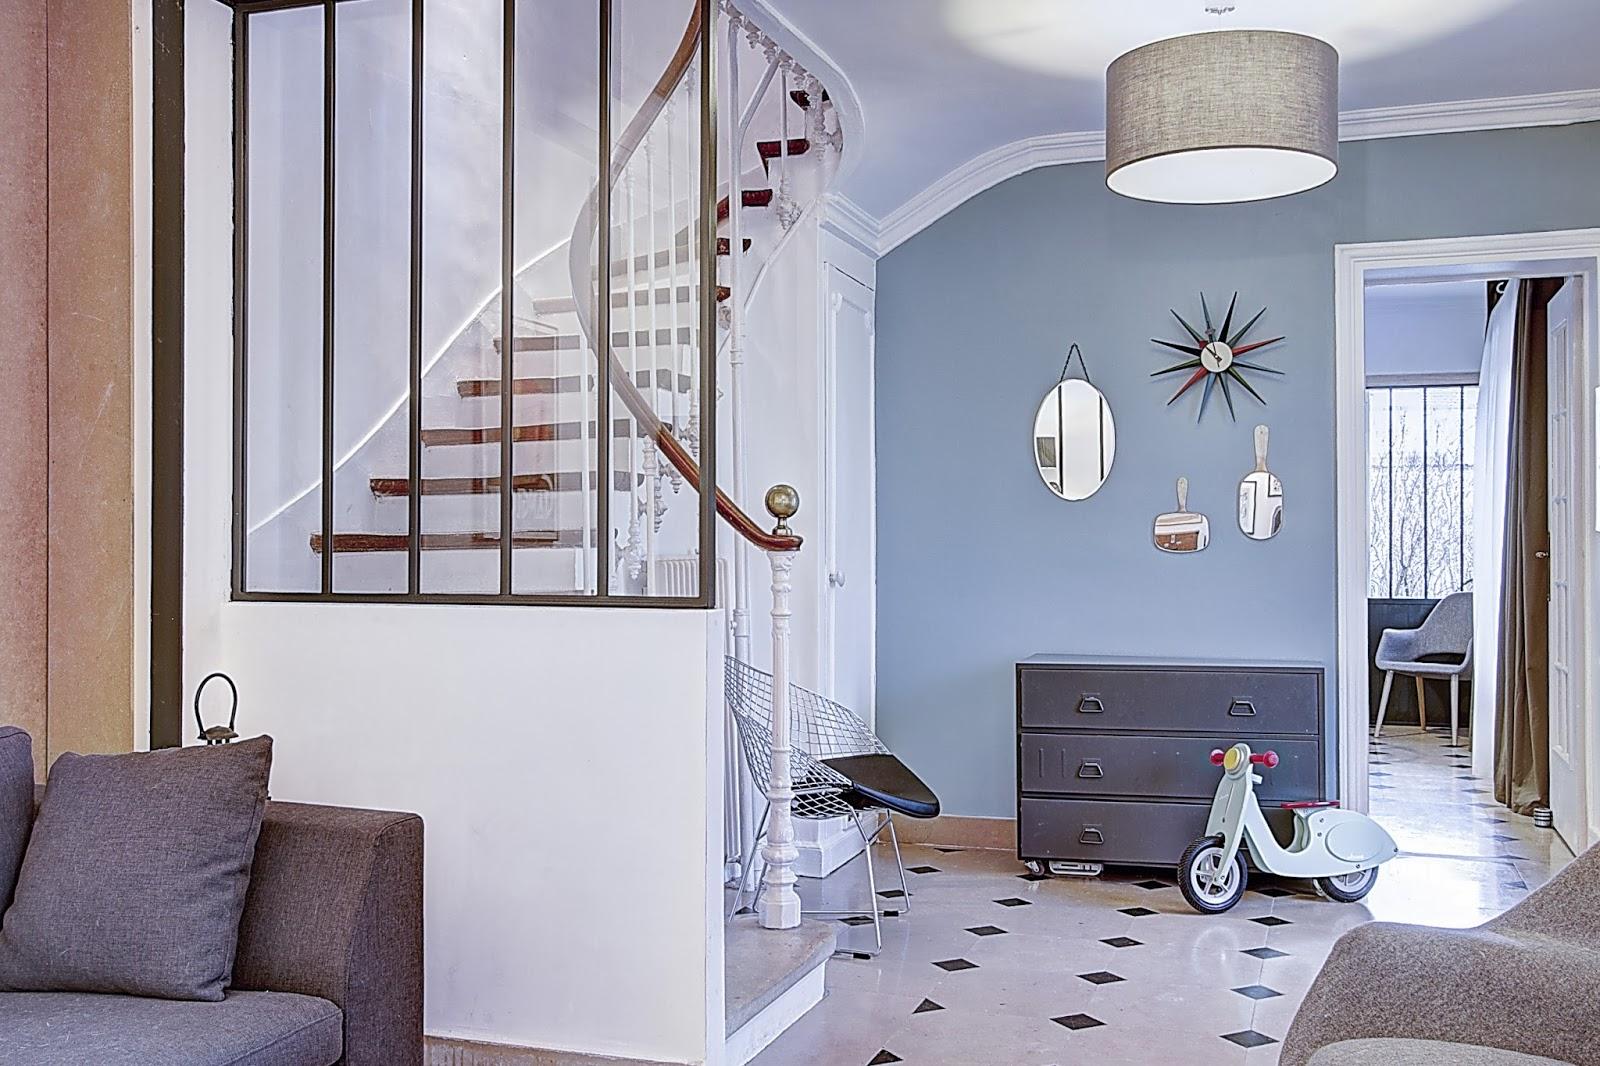 co t d une verri re d escalier prix moyen finitions et. Black Bedroom Furniture Sets. Home Design Ideas